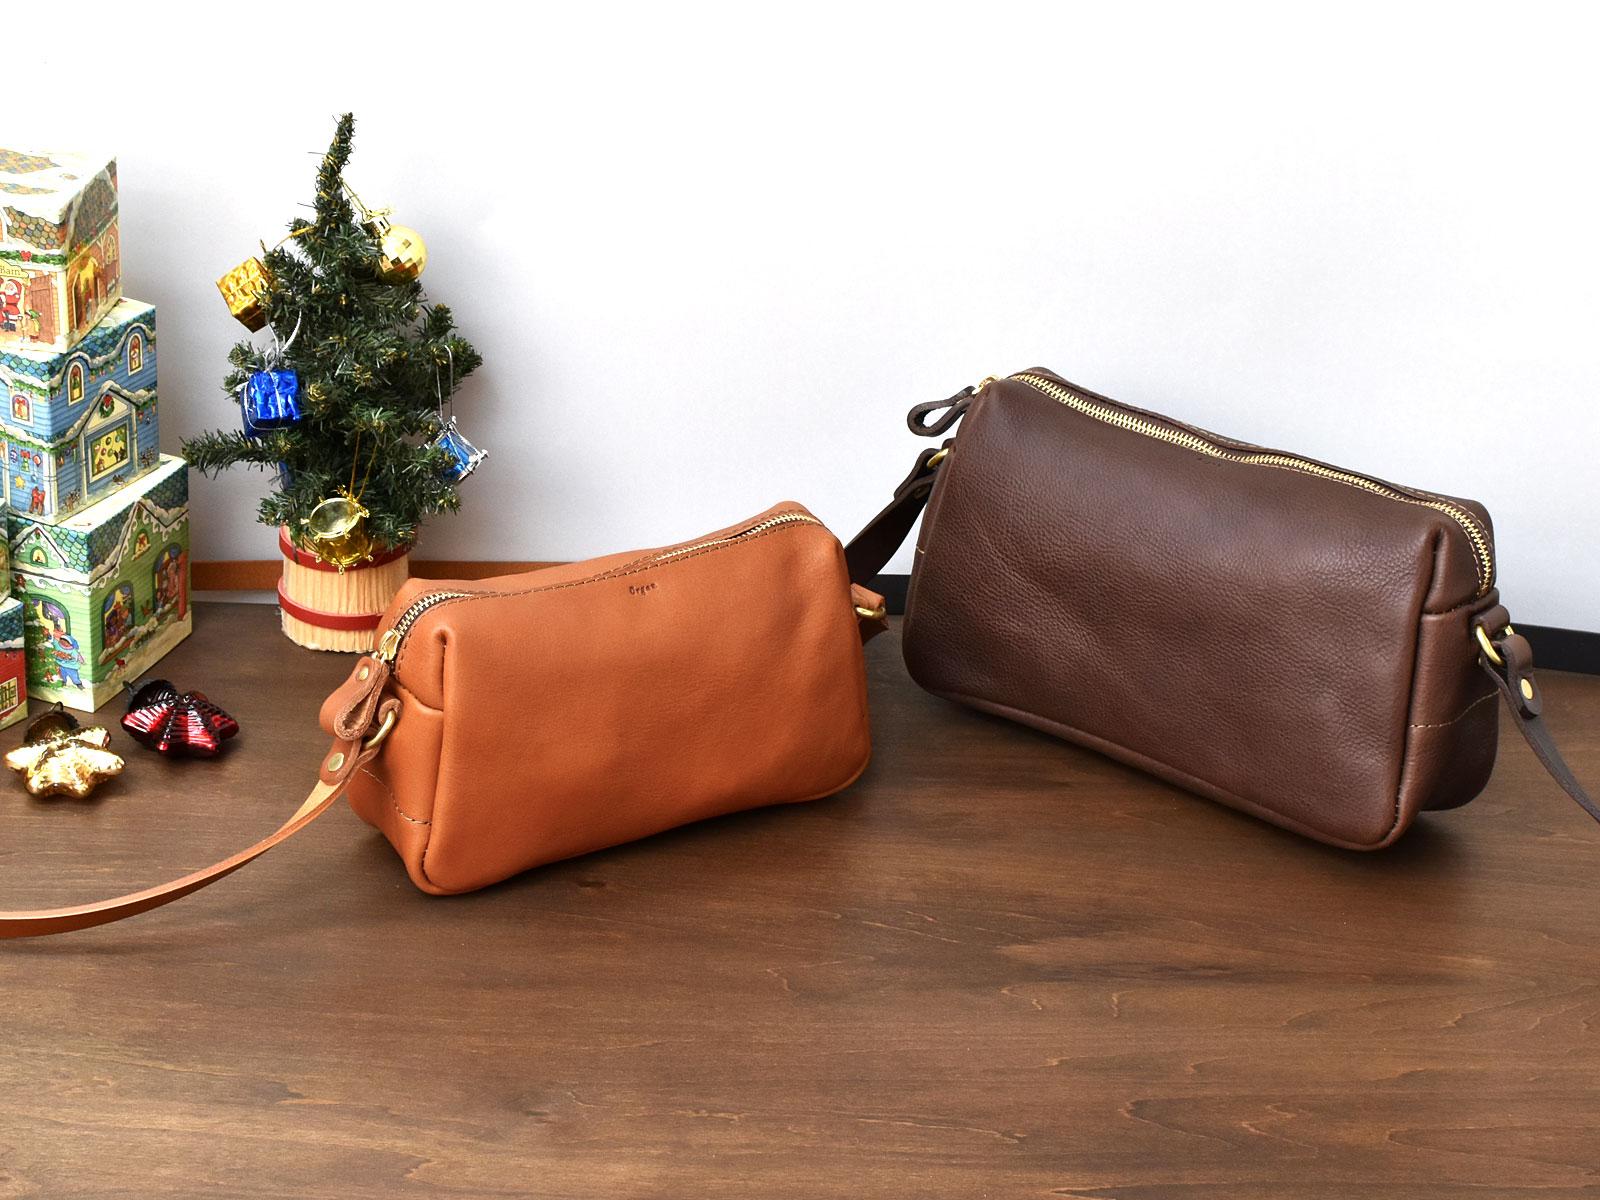 クリスマスプレゼントに人気の革鞄特集2020